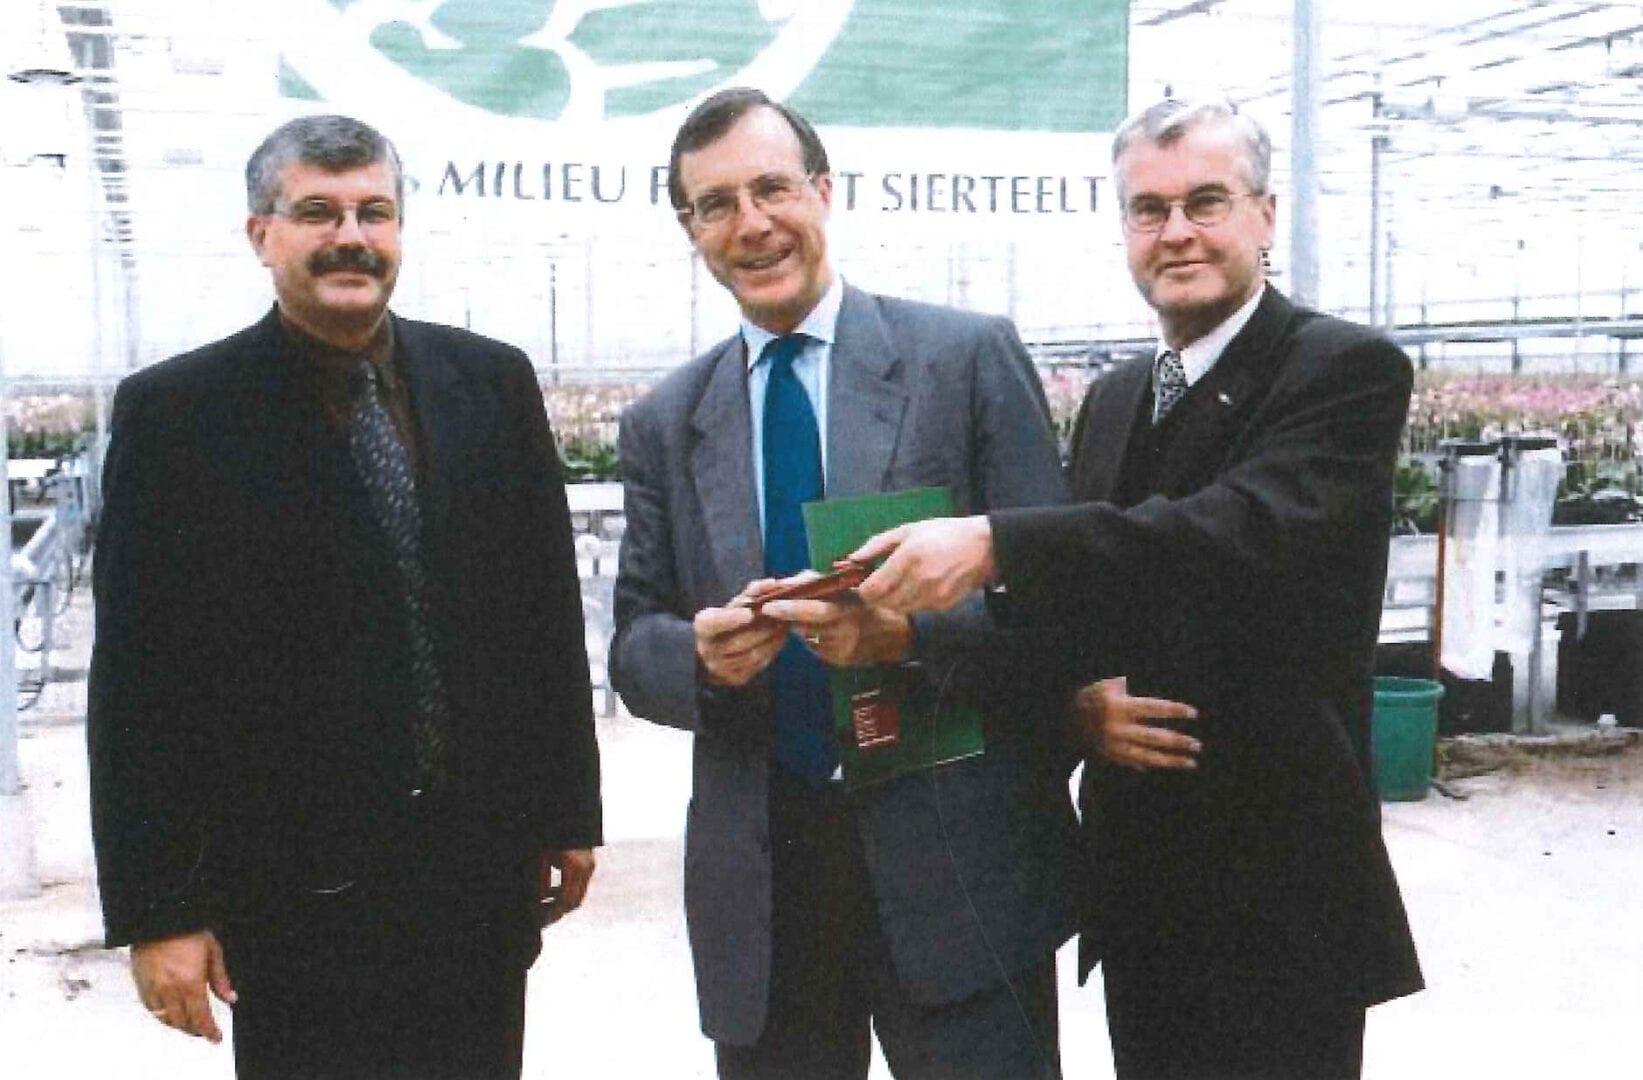 image-1999-6